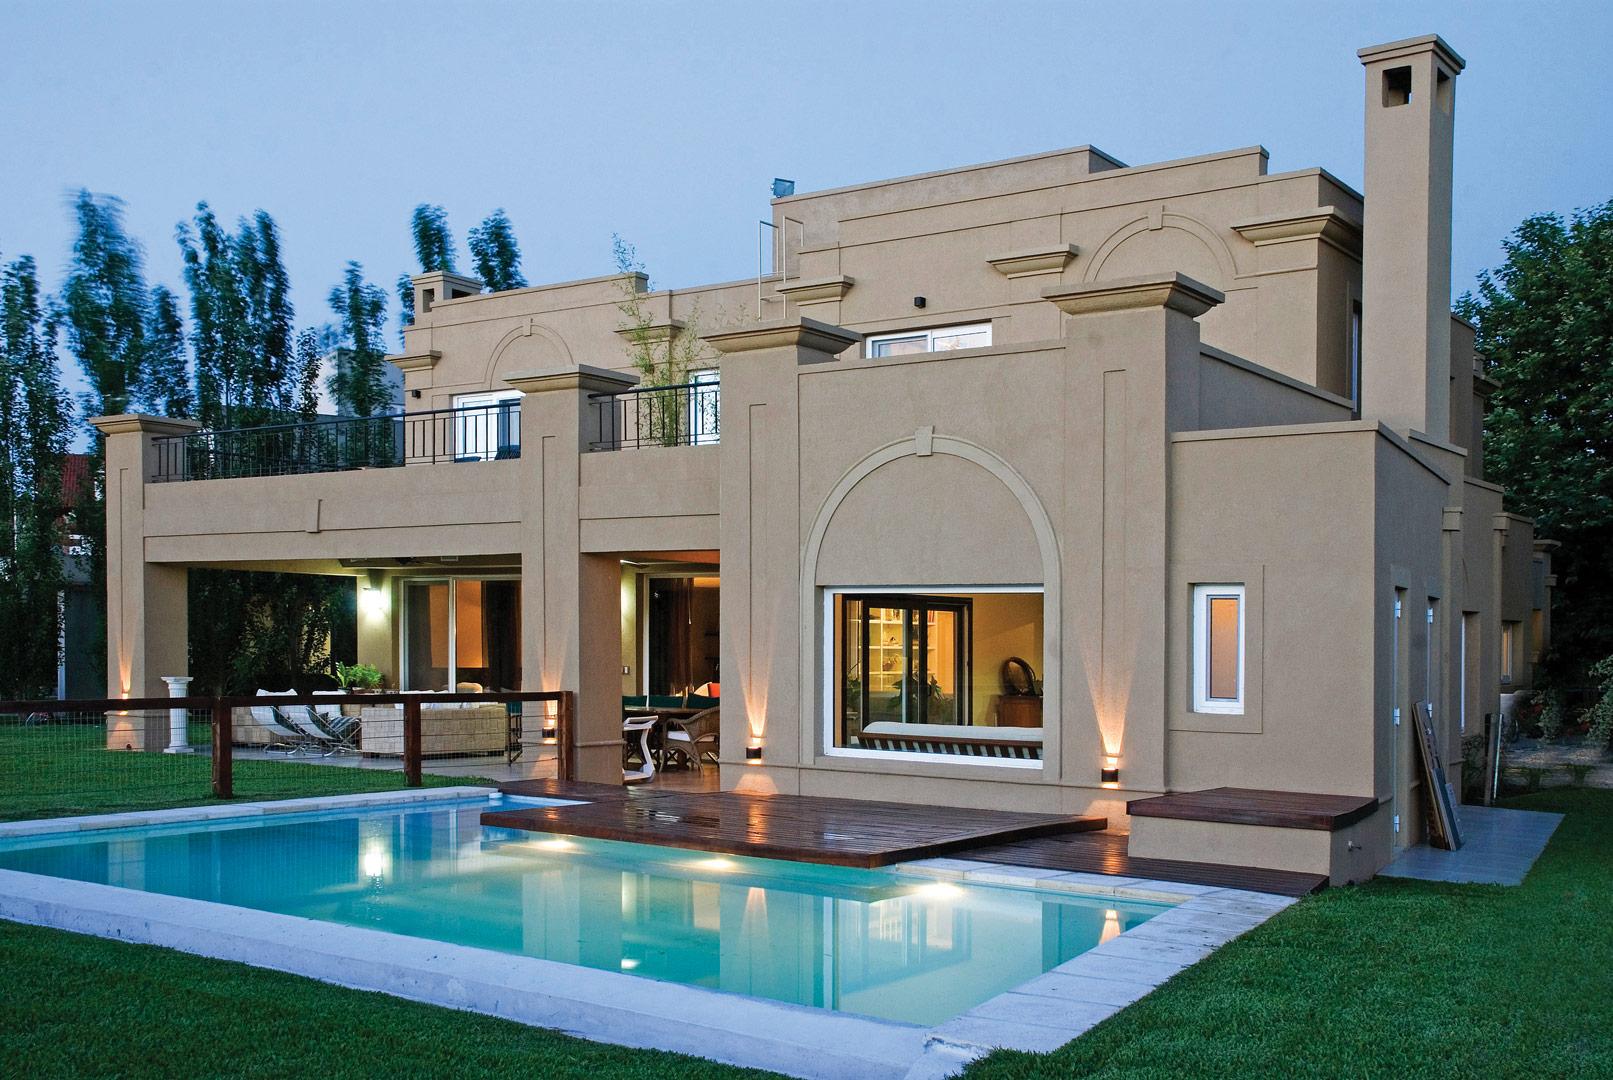 Residencia nivel a plus portal de arquitectos for Portal de inmobiliarias